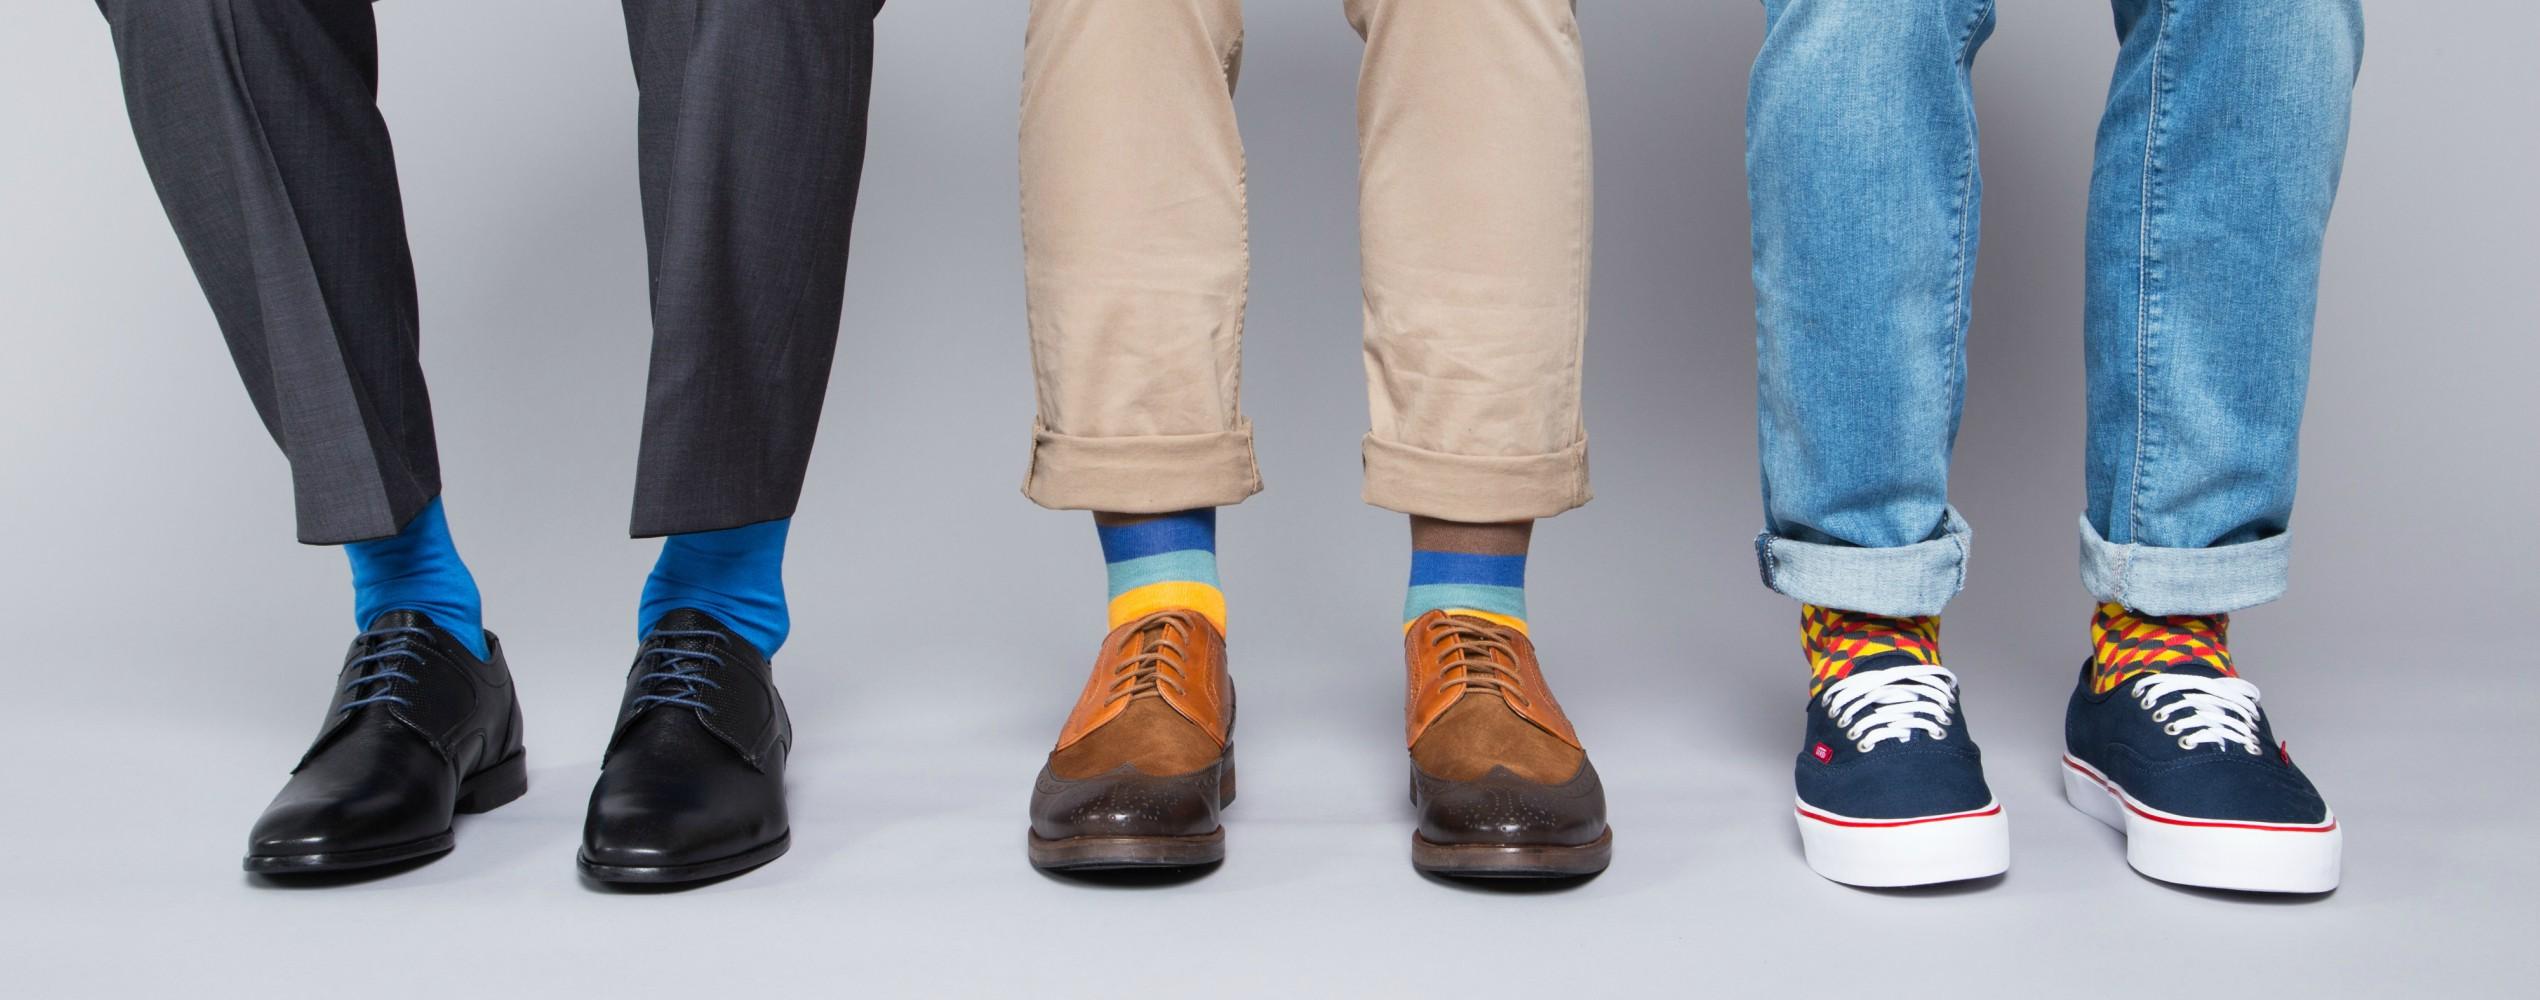 Bunte Socken machen schlau!